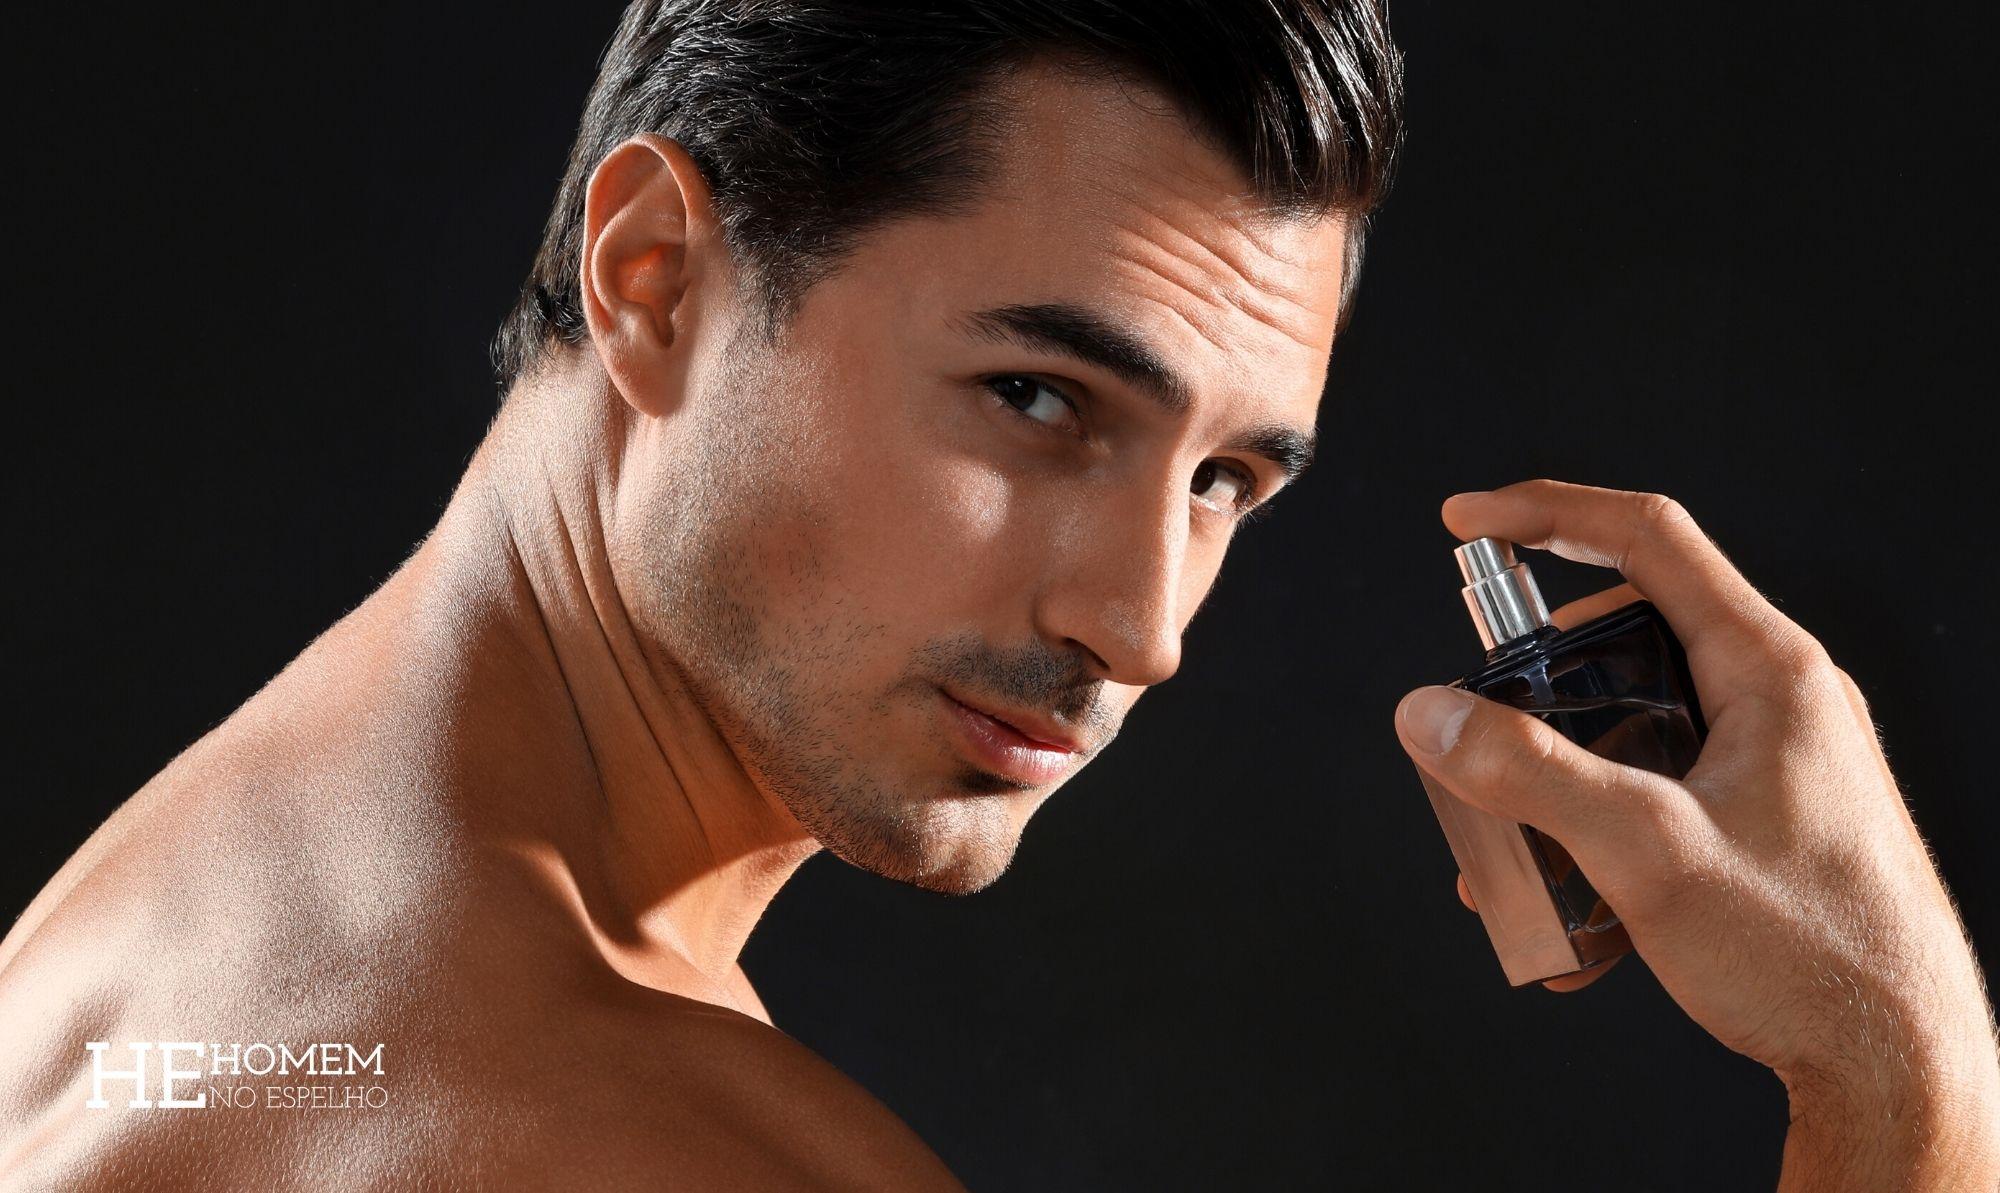 Homem No Espelho - Eau de parfum é a tendência em fragrâncias masculinas - EDP